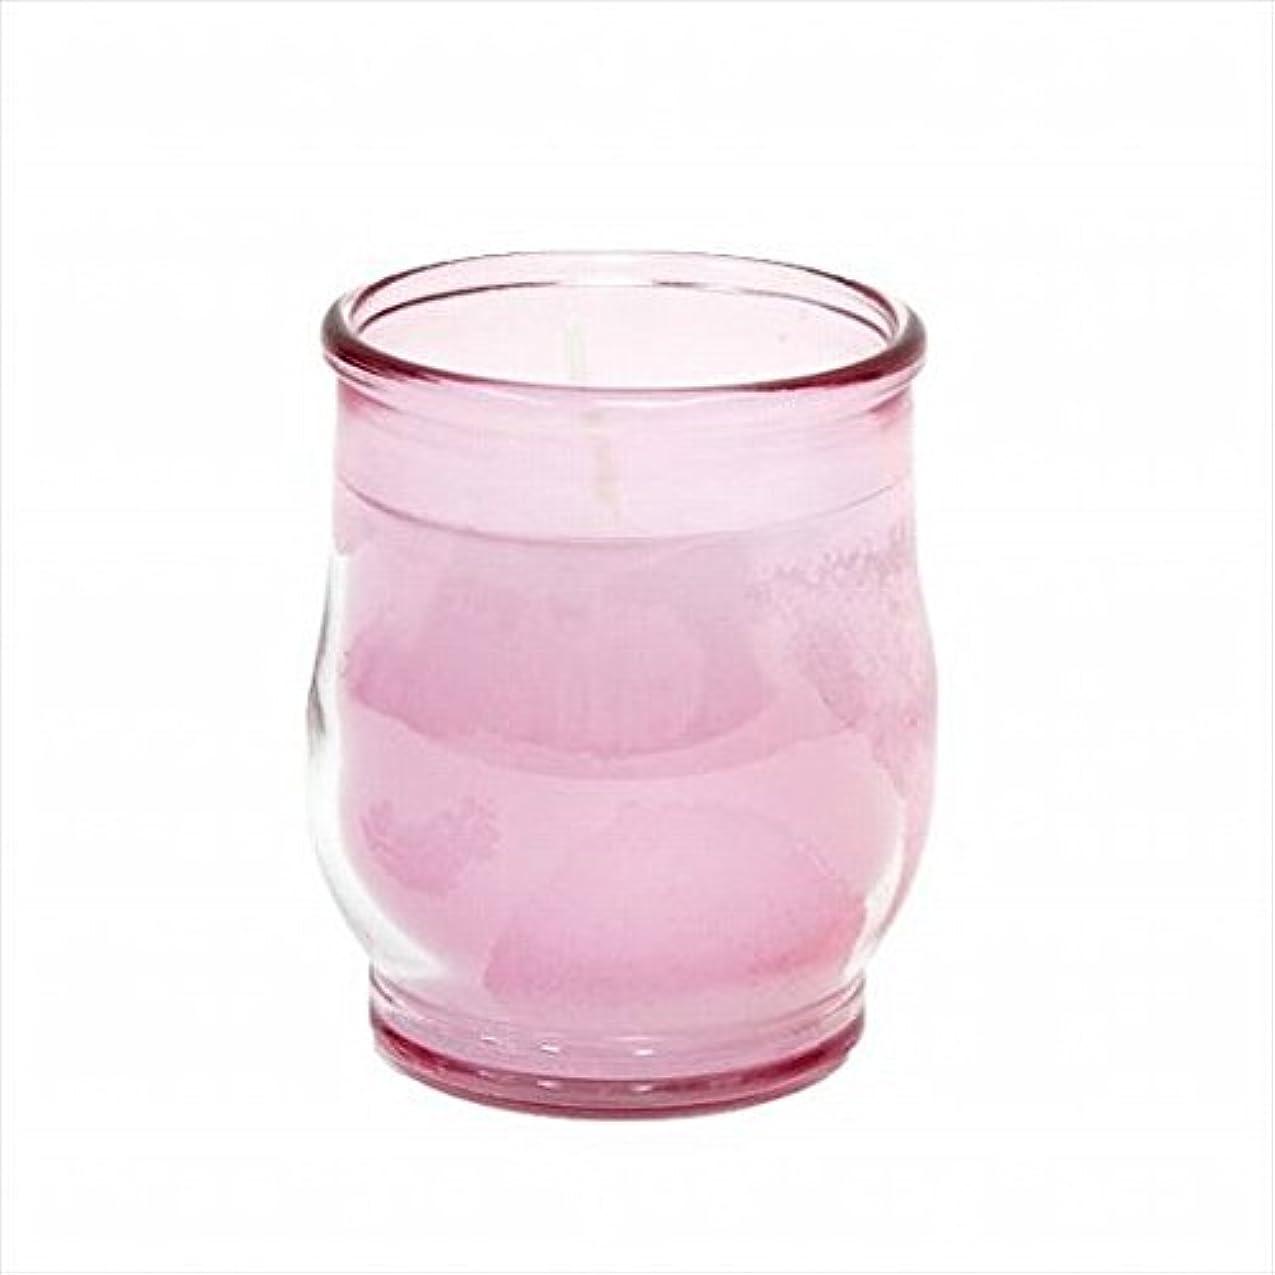 勤勉な気配りのある反応するkameyama candle(カメヤマキャンドル) ポシェ(非常用コップローソク) 「 ピンク(ライトカラー) 」 キャンドル 68x68x80mm (73020030P)